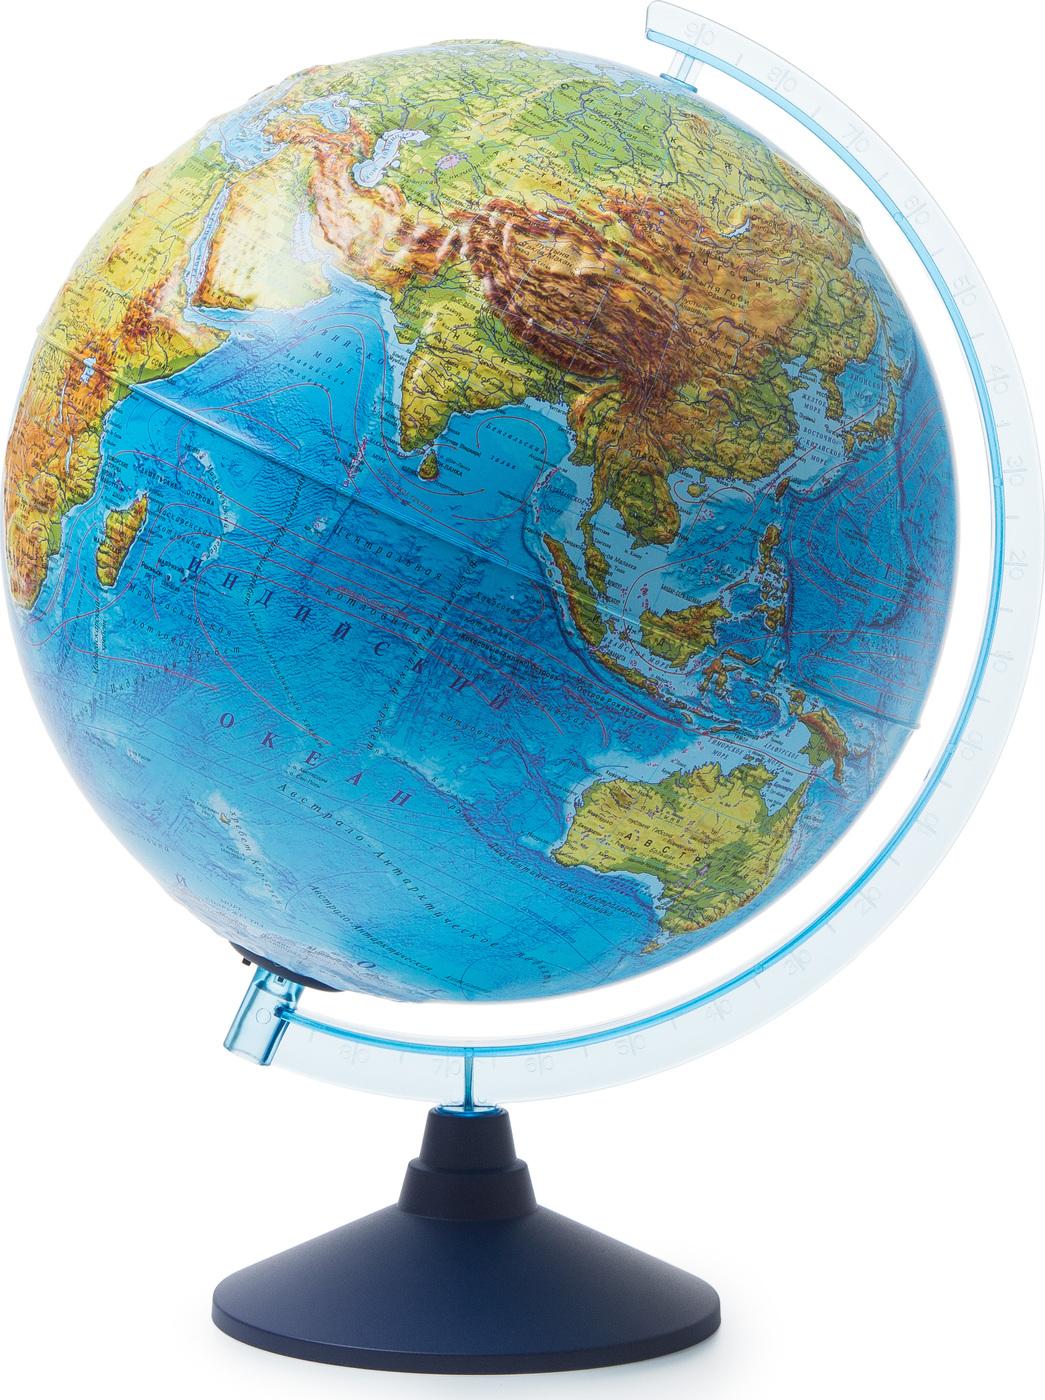 Глобус Земли Globen физико-политический рельефный, с подсветкой от батареек, диаметр 32 см.